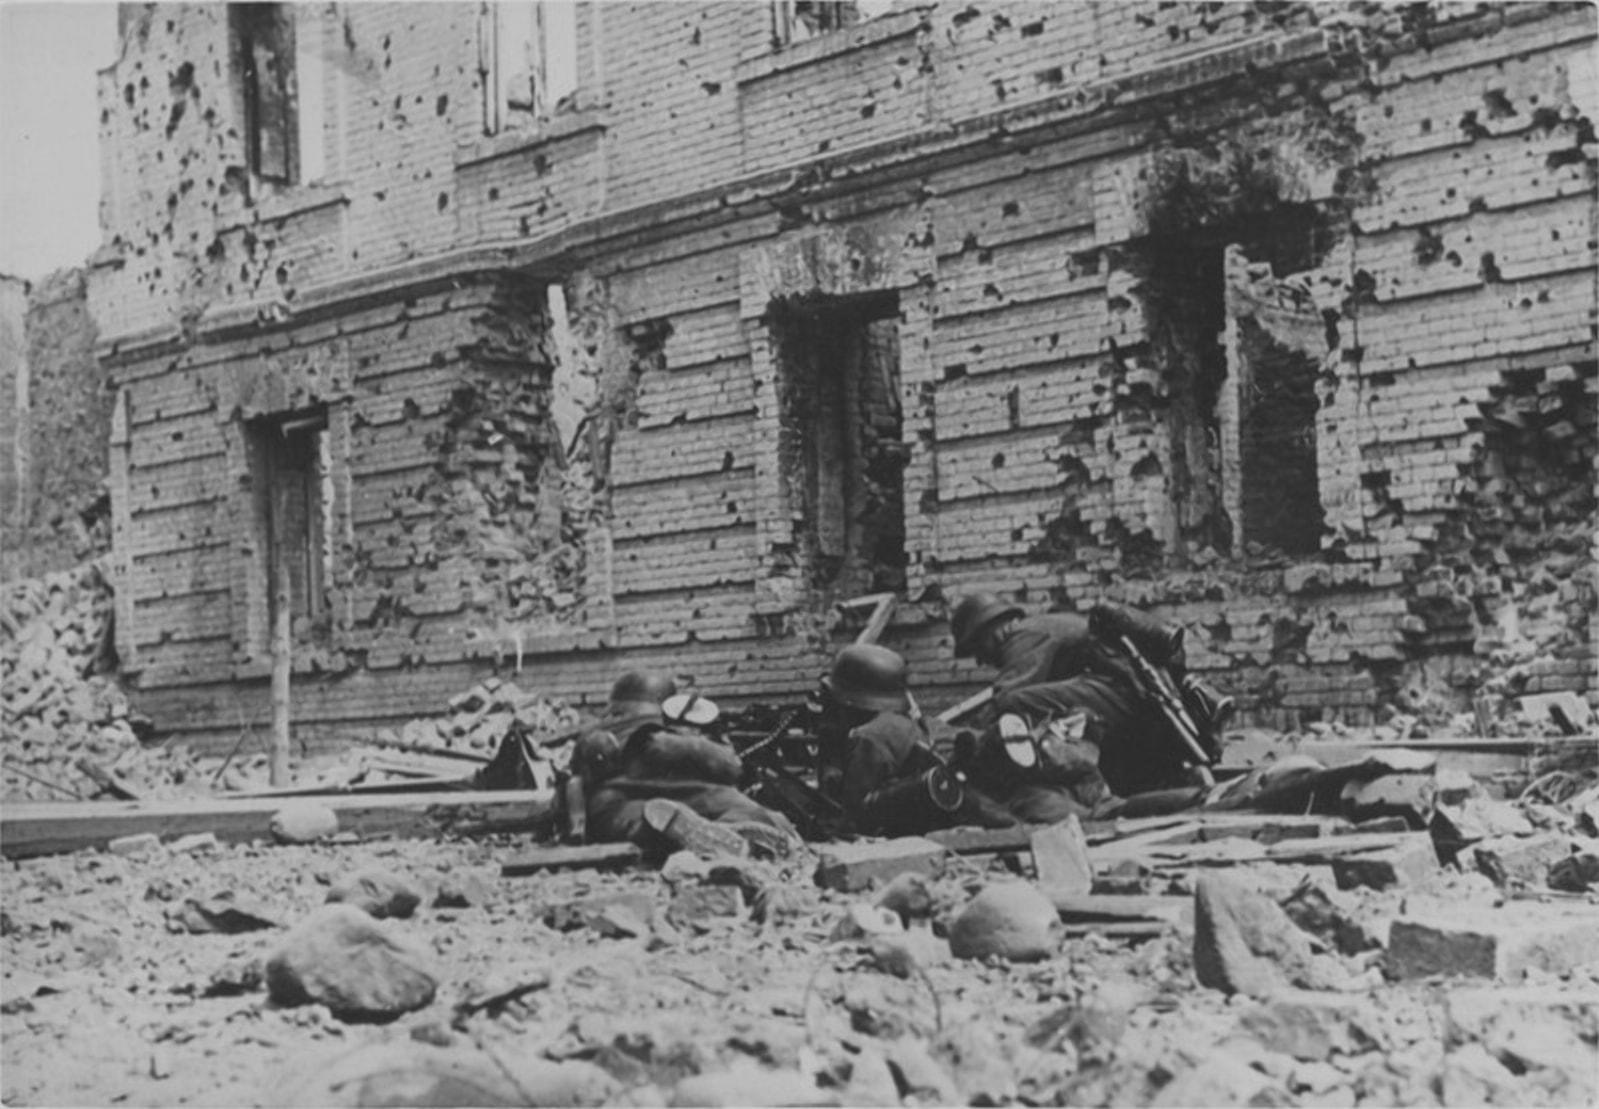 К 23 июня в Крепости только начиналось активное сопротивление